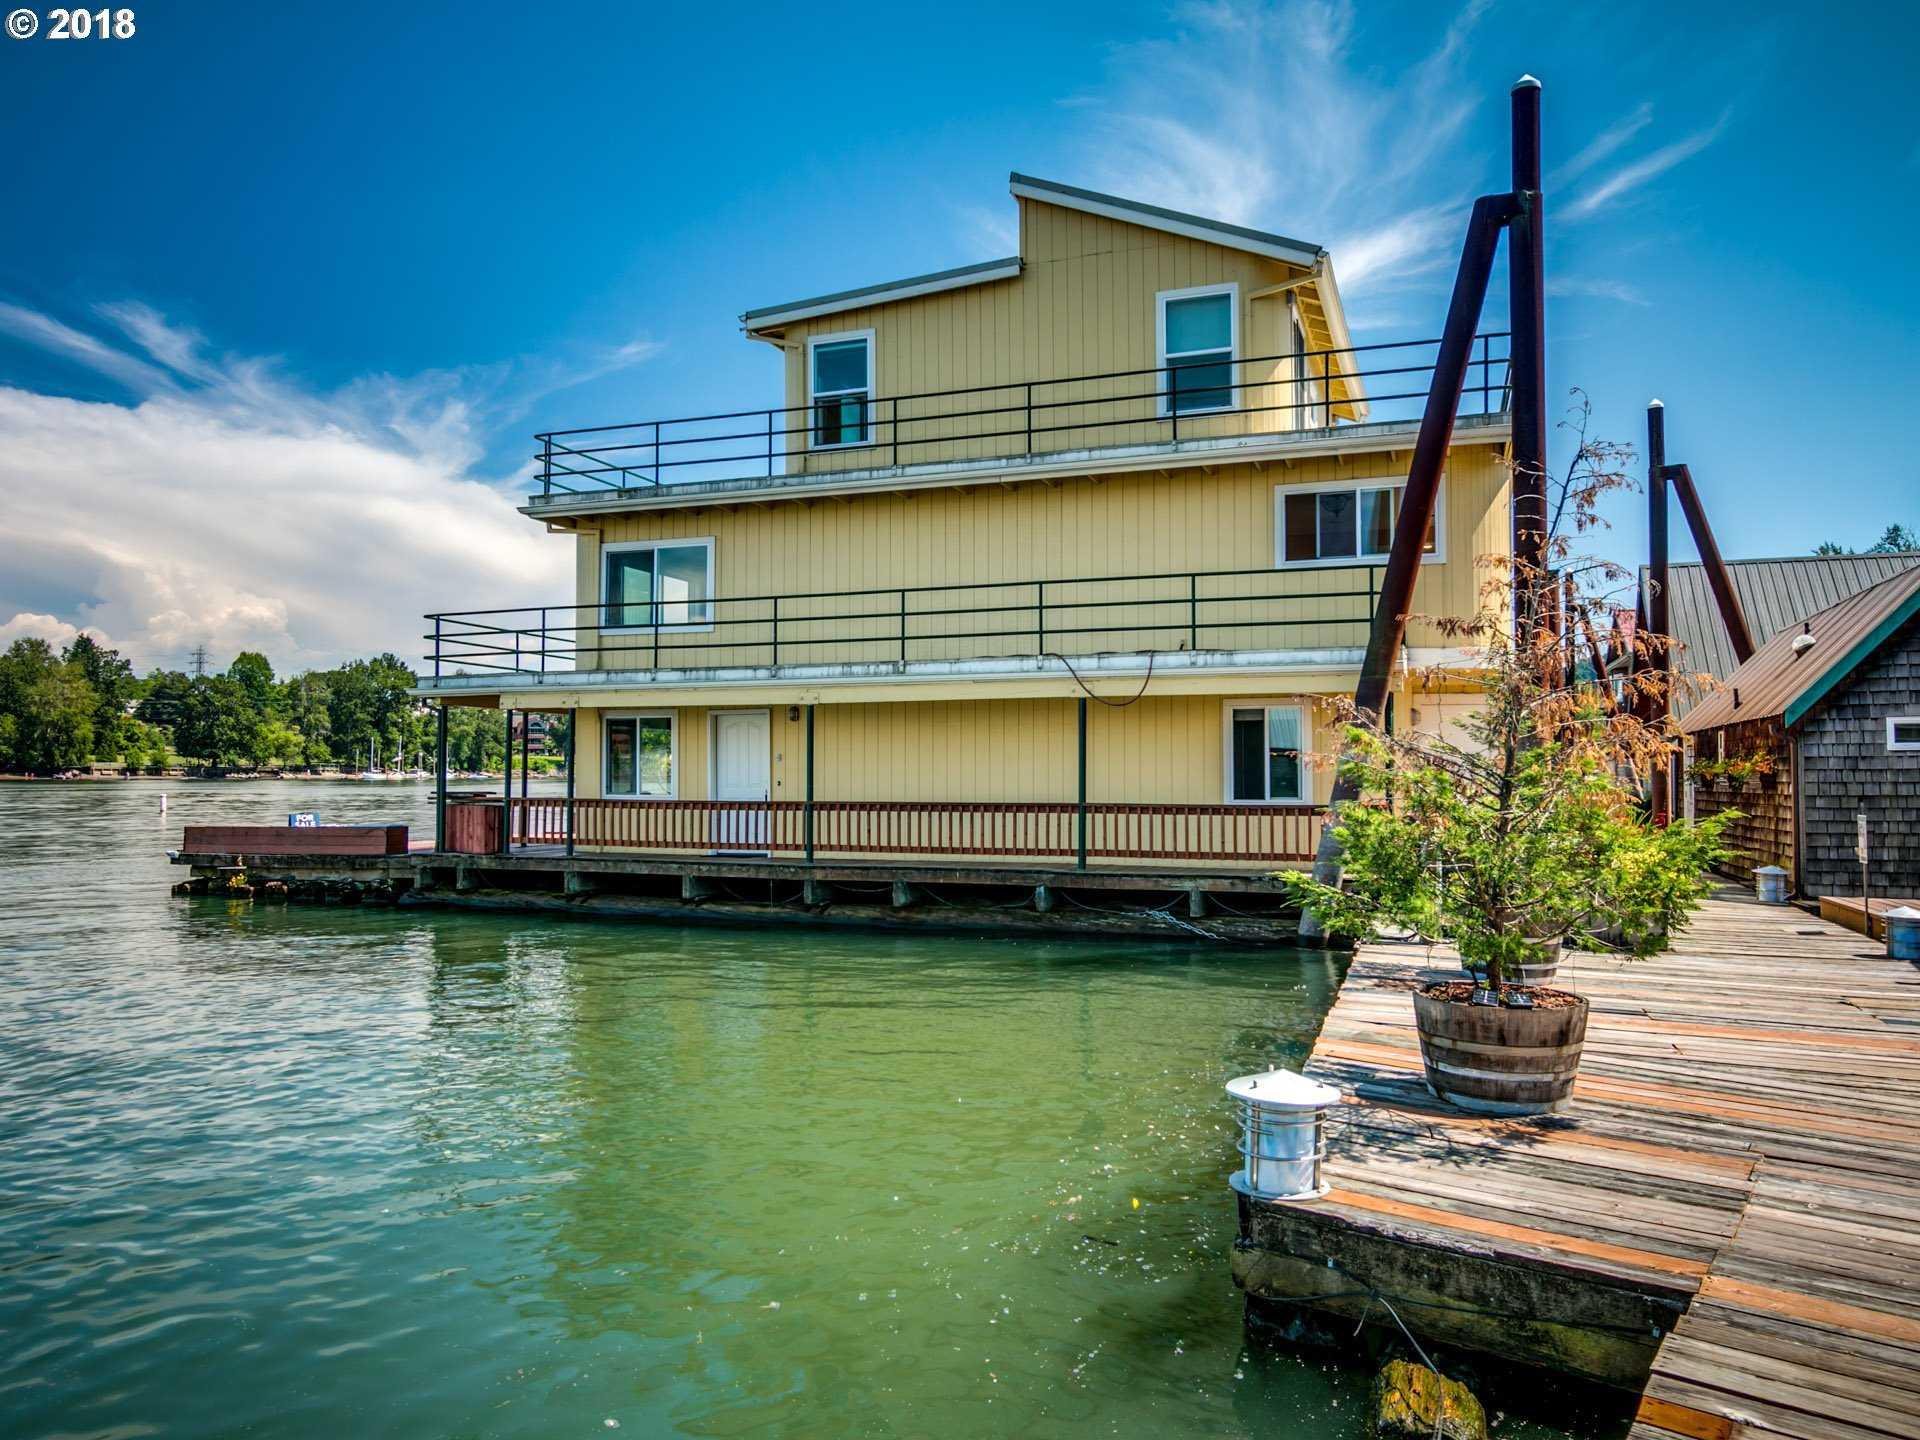 Fullsize Of Floating Homes For Sale